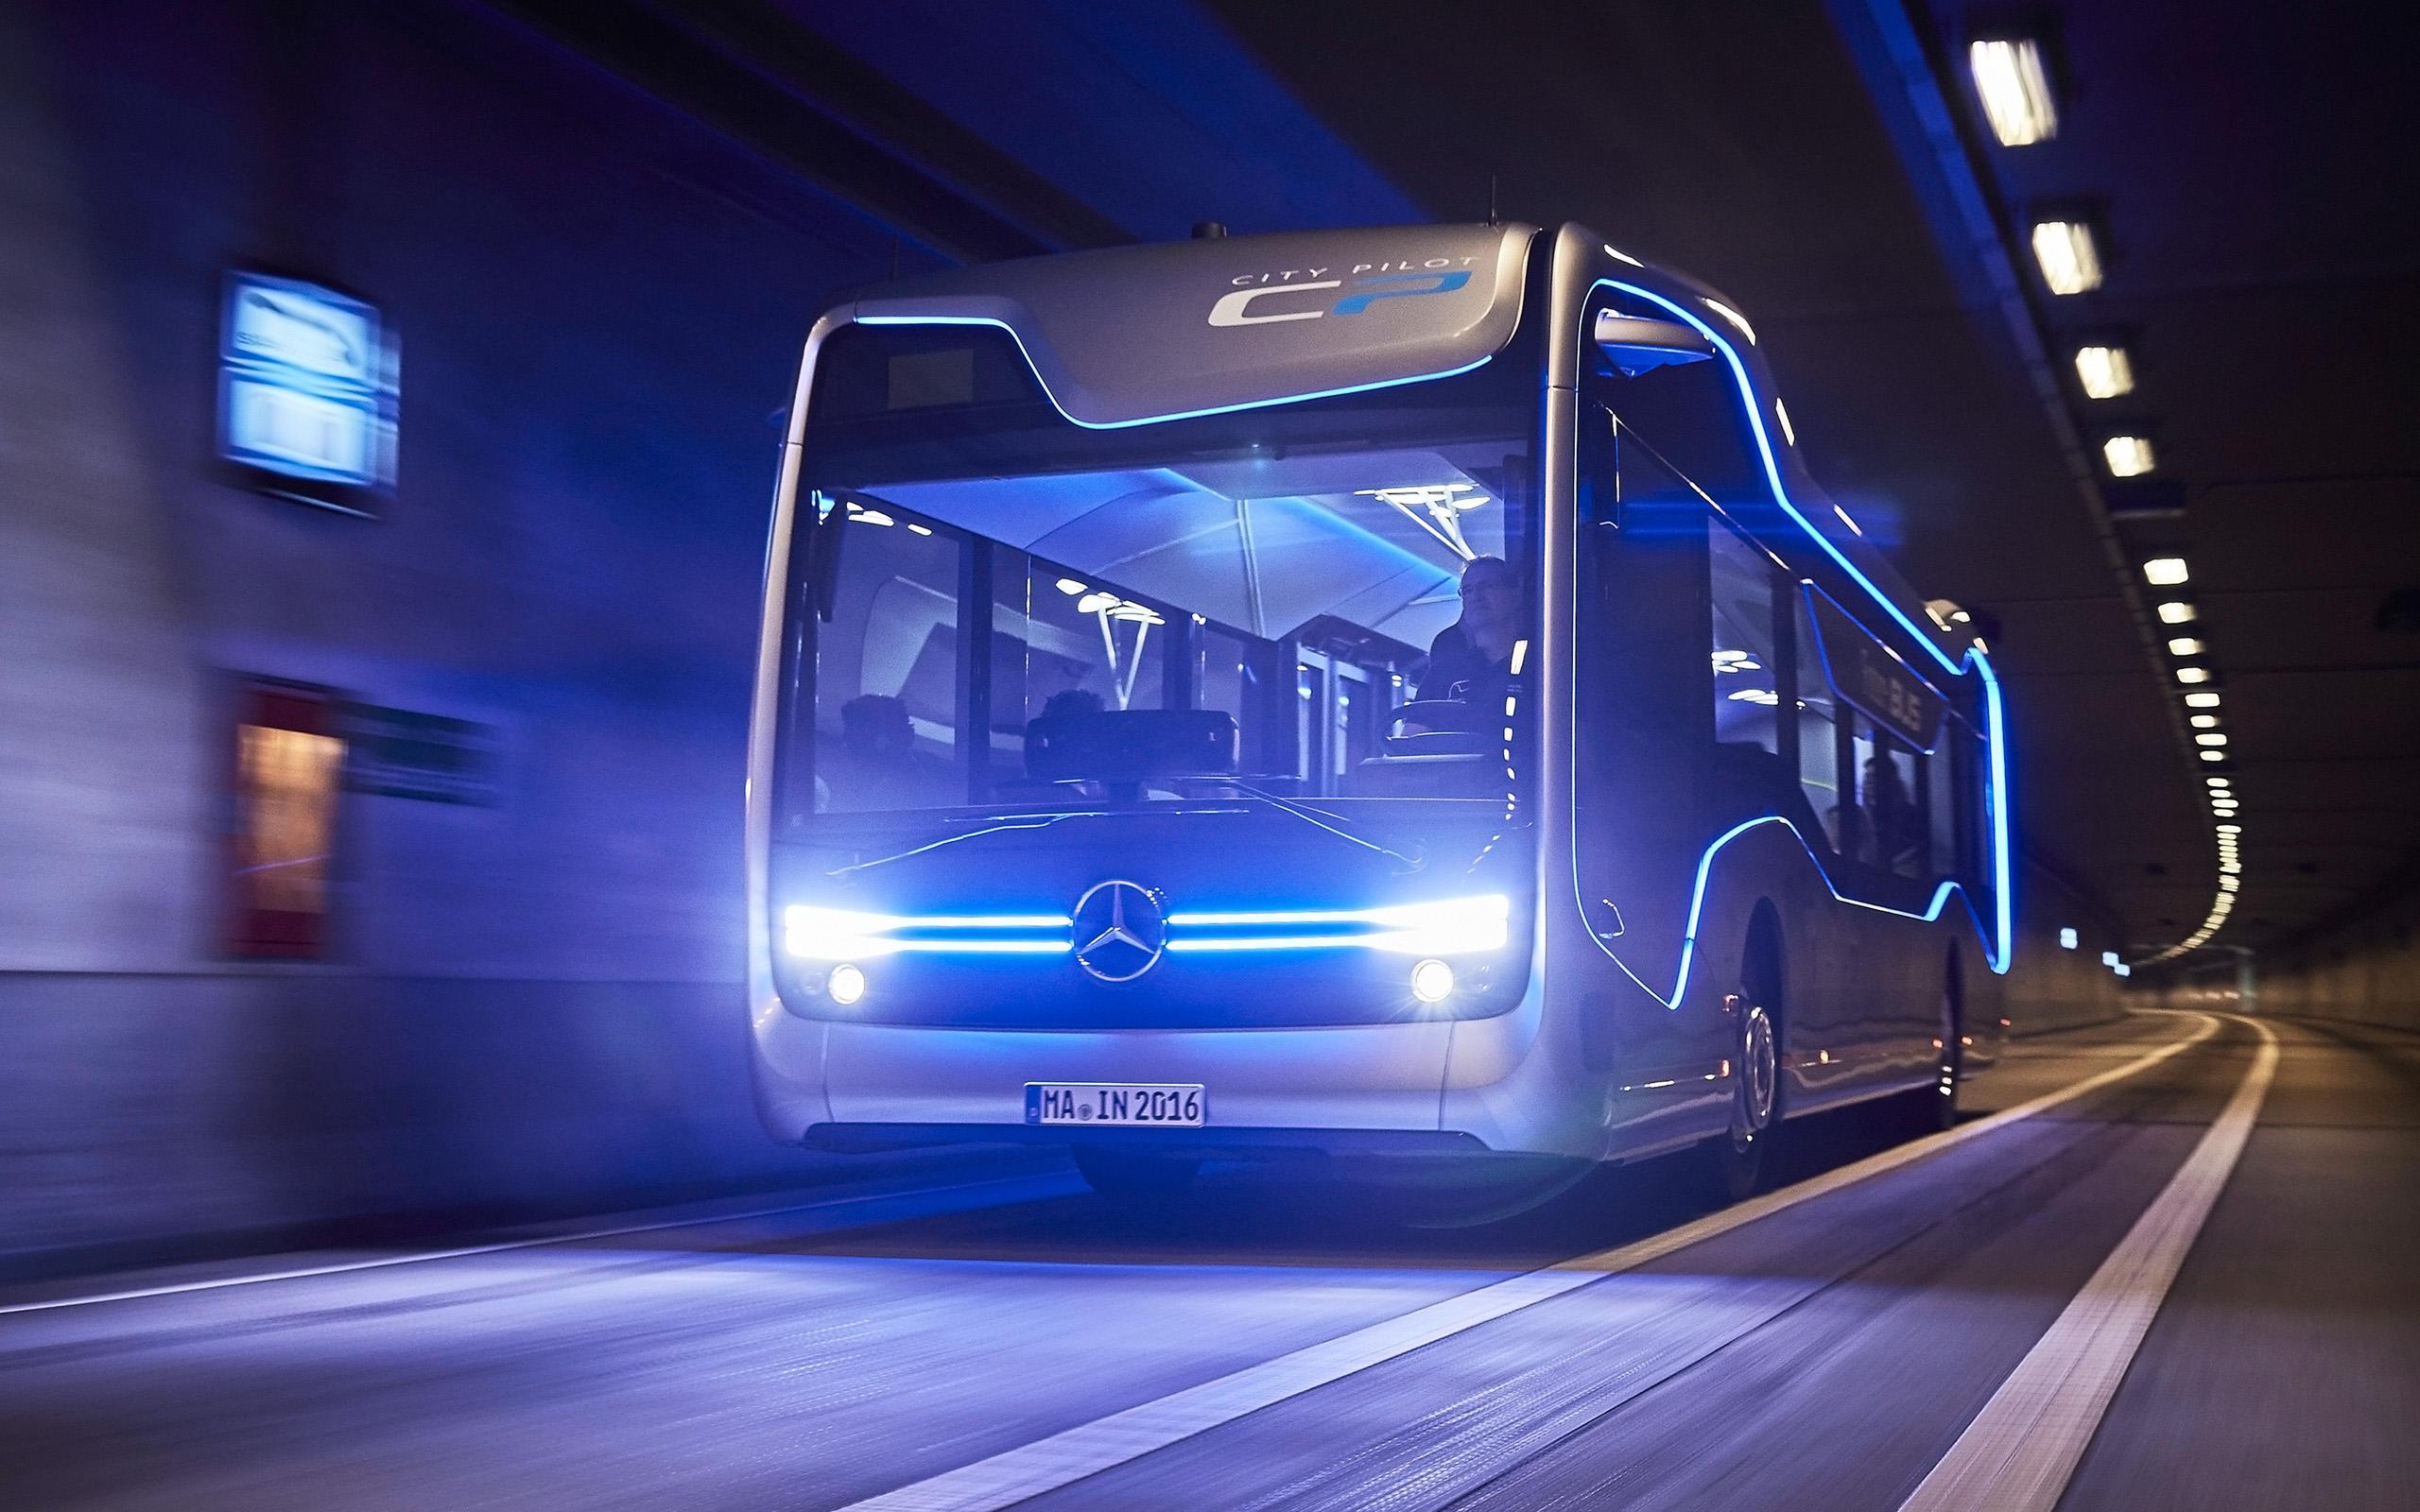 2016 Mercedes Benz Future Bus Wallpaper